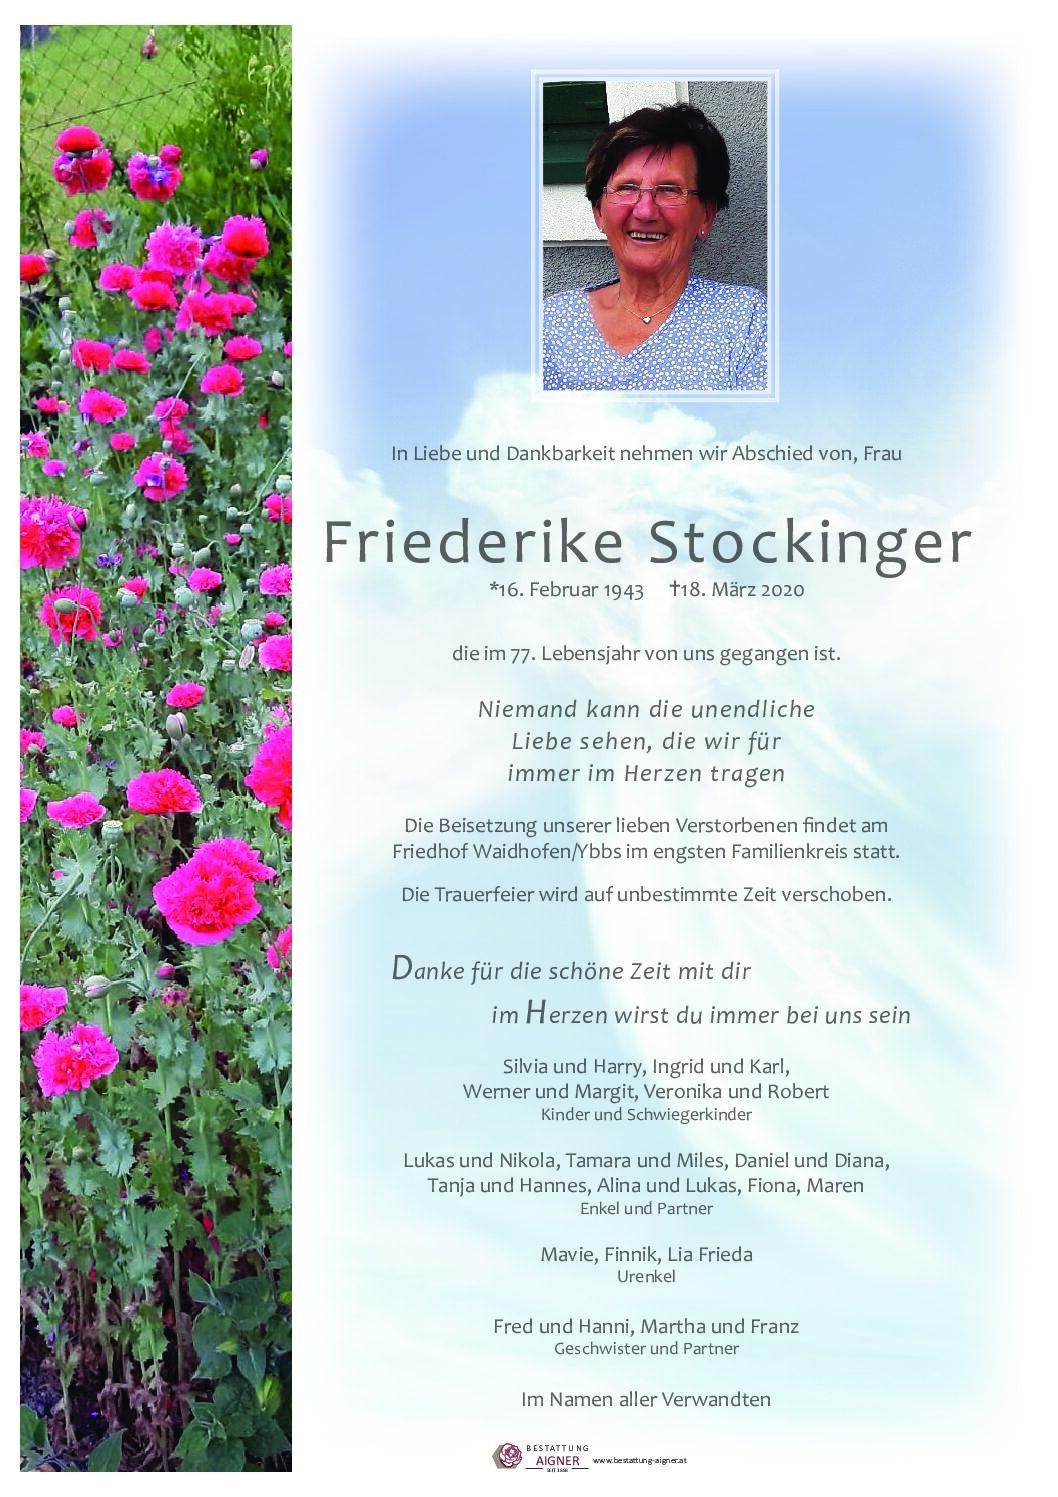 Friederike Stockinger